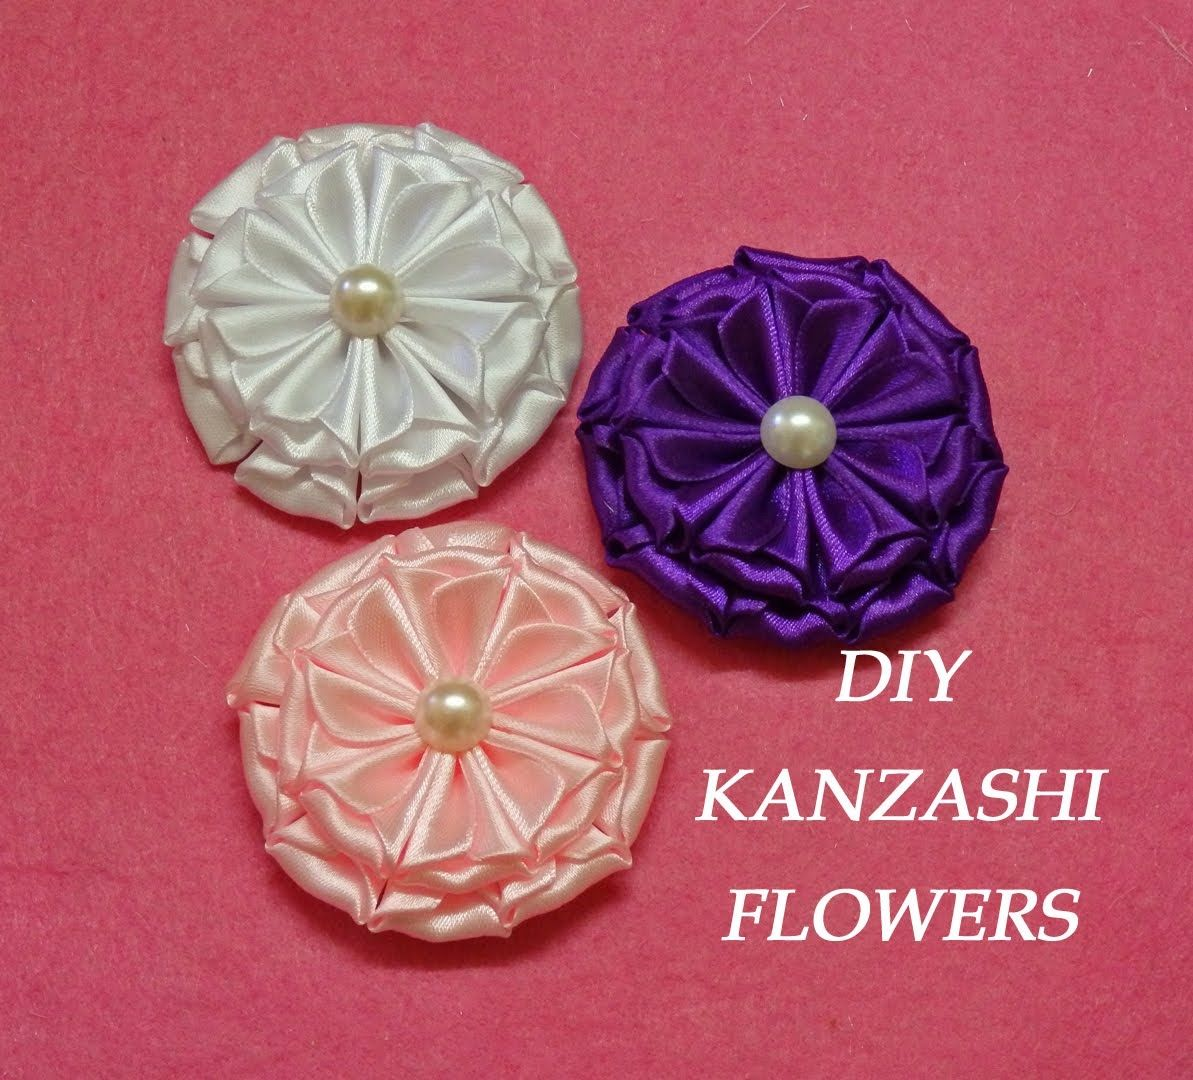 Diy kanzashi flowerskanzashi tutorialhow to makeeasykanzashi diy kanzashi flowerskanzashi tutorialhow to makeeasykanzashi flores izmirmasajfo